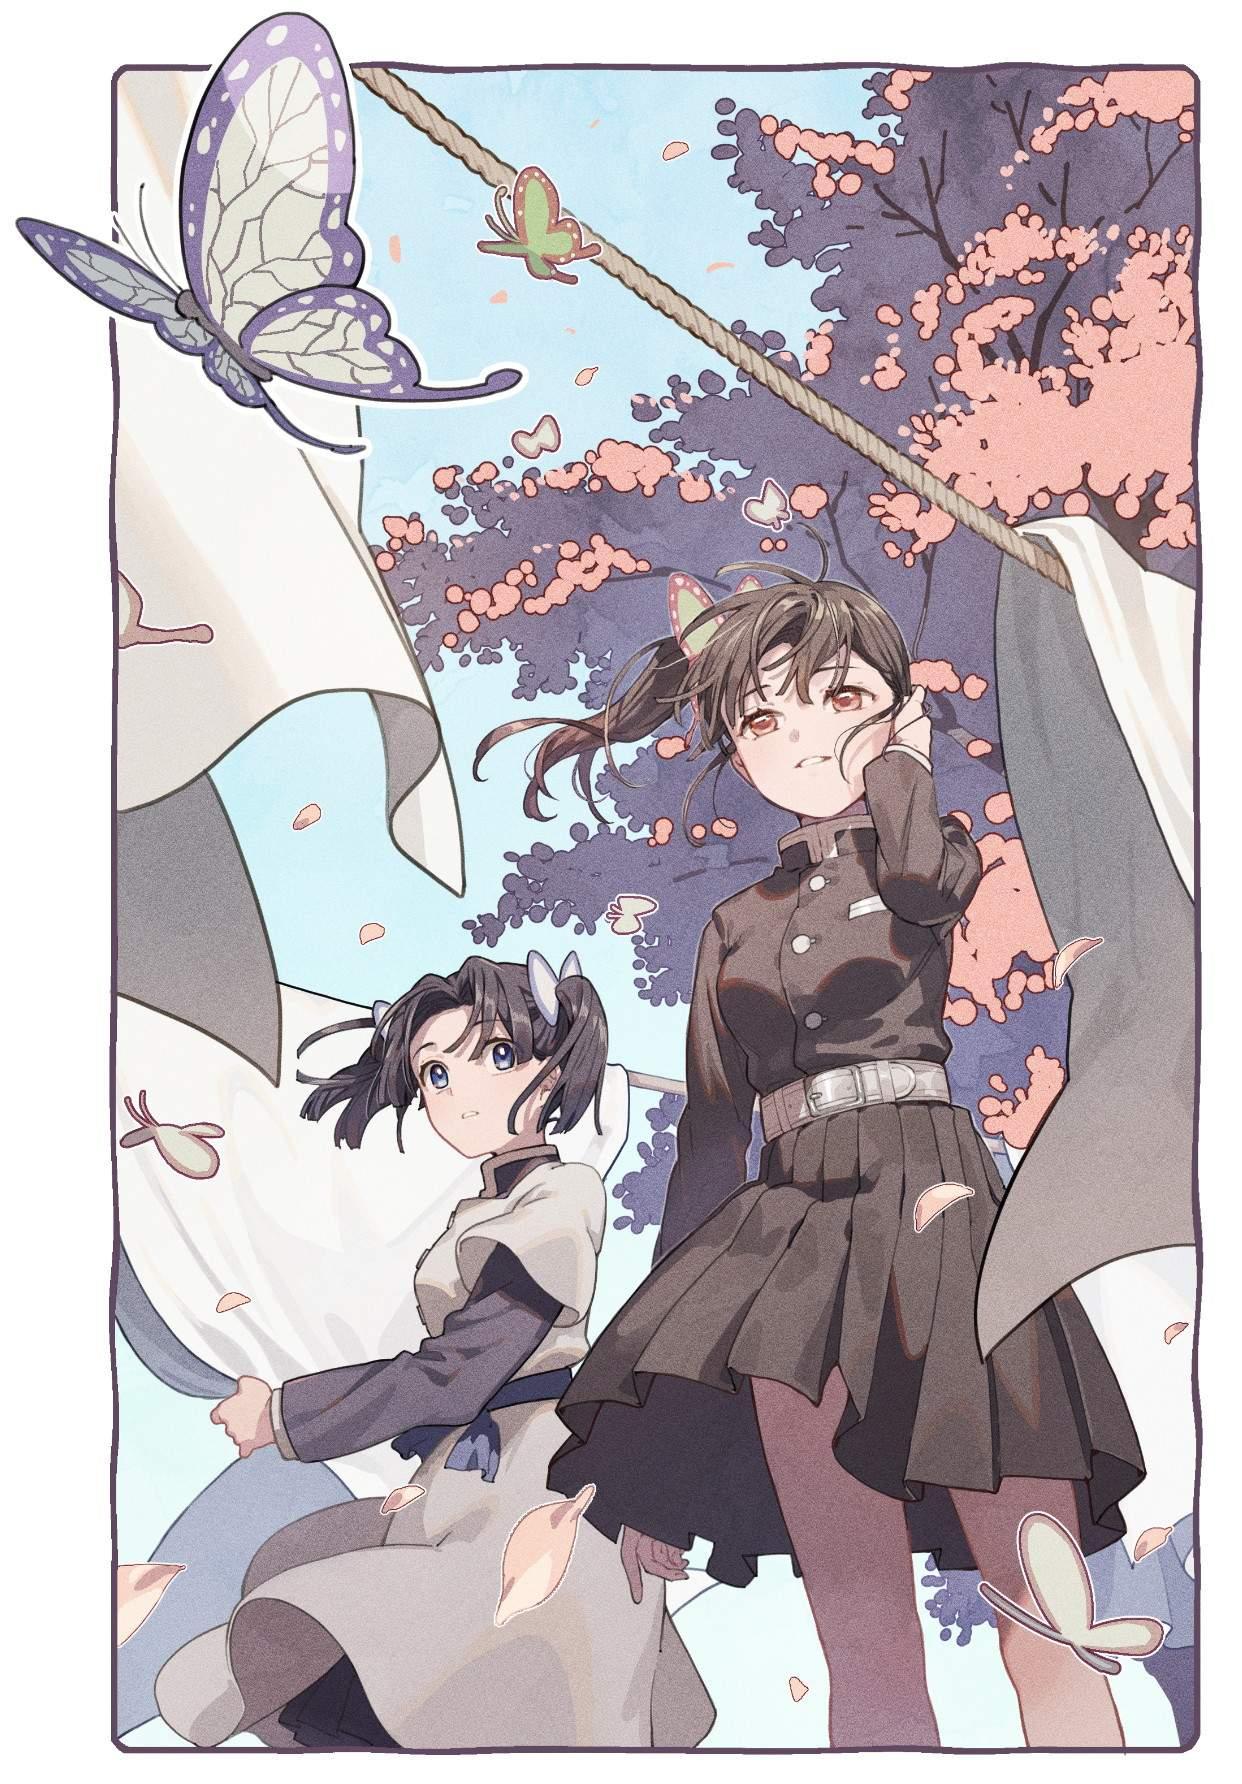 栗花落カナヲ 鬼滅の刃エロ画像092